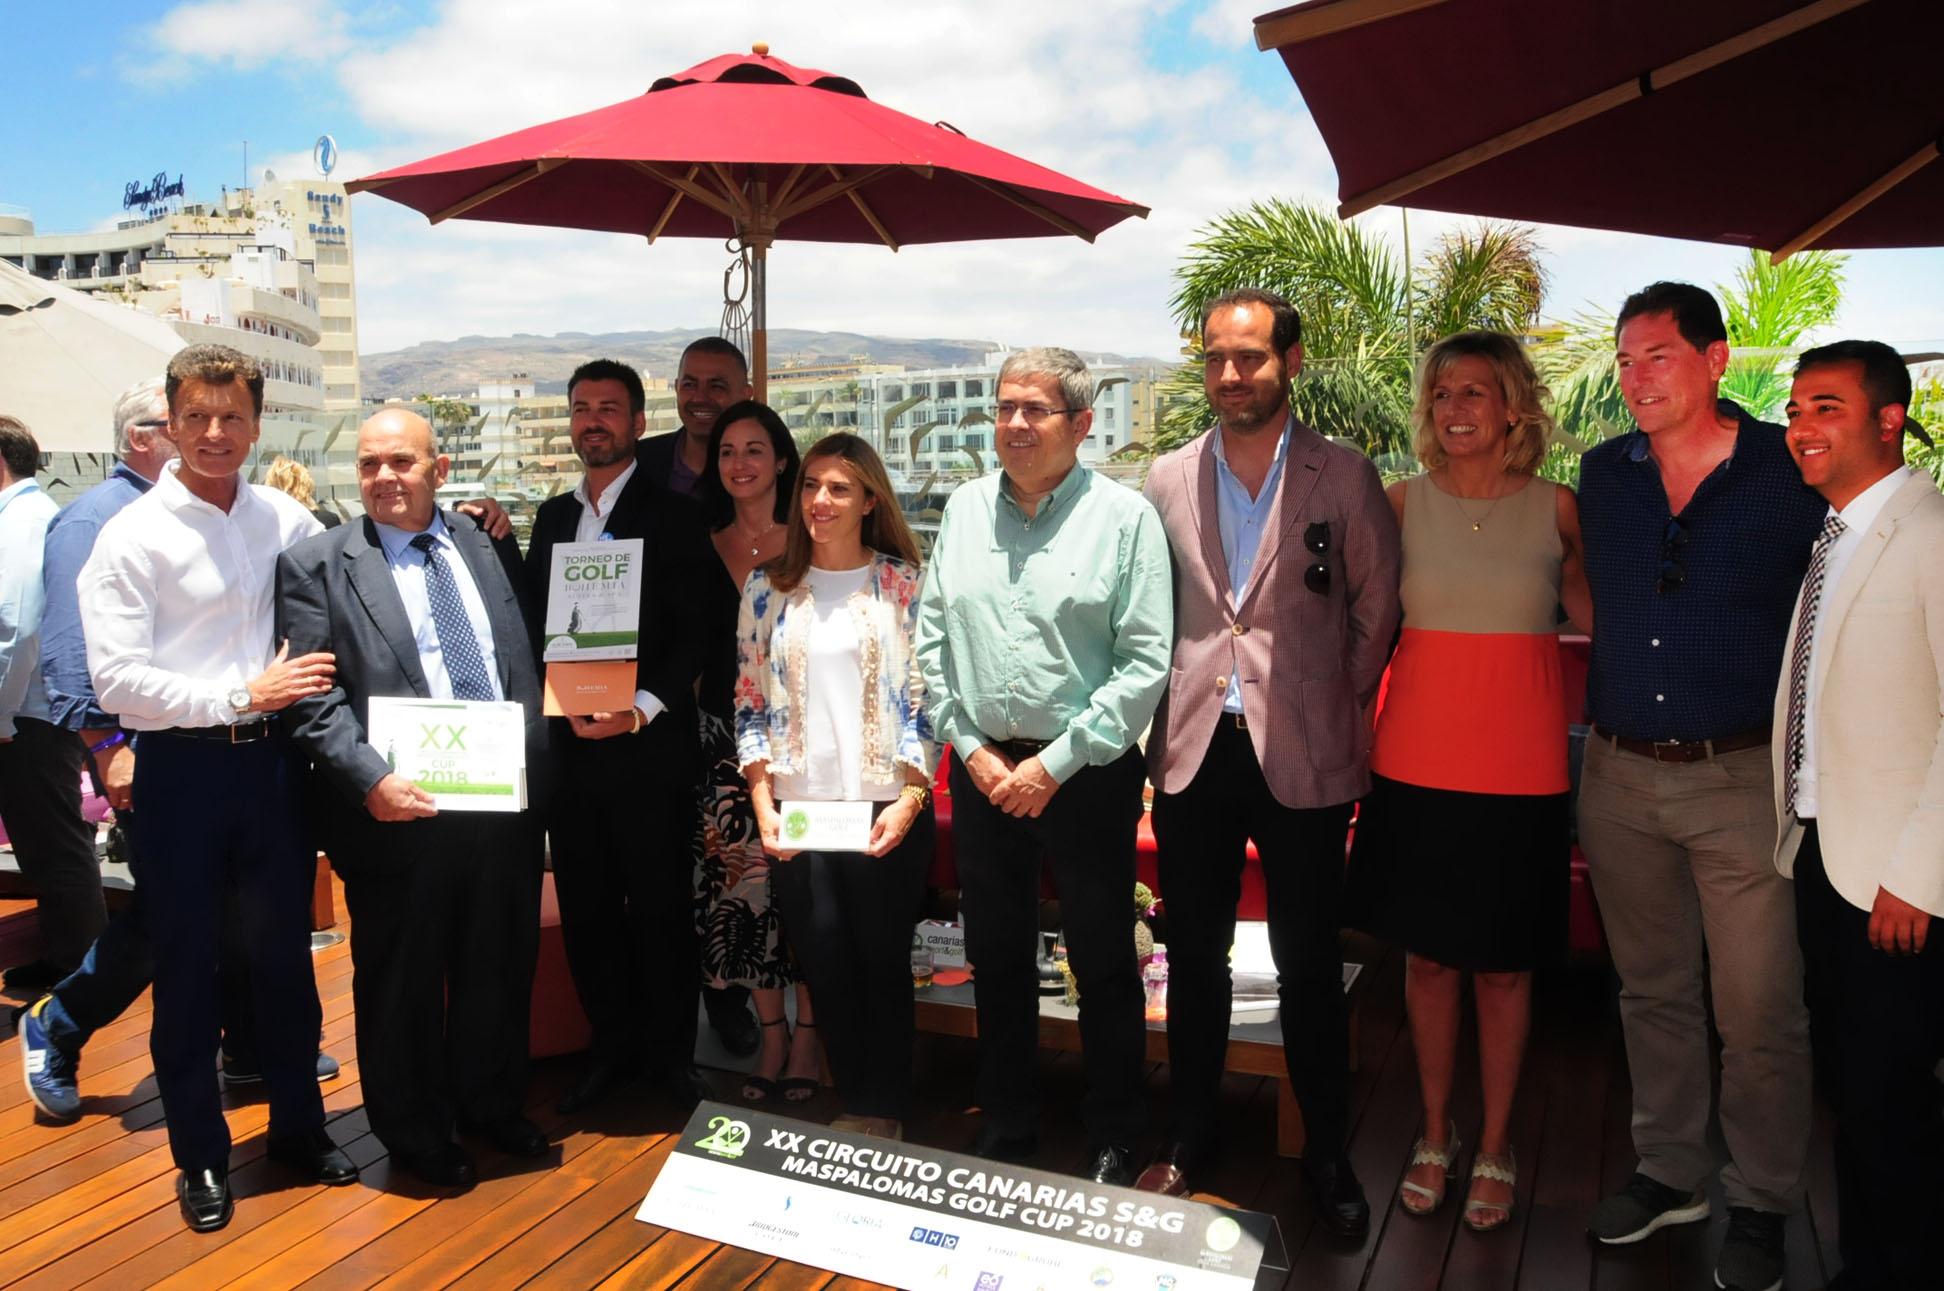 El Circuito Maspalomas Golf Cup ya alcanza la veintena de ediciones